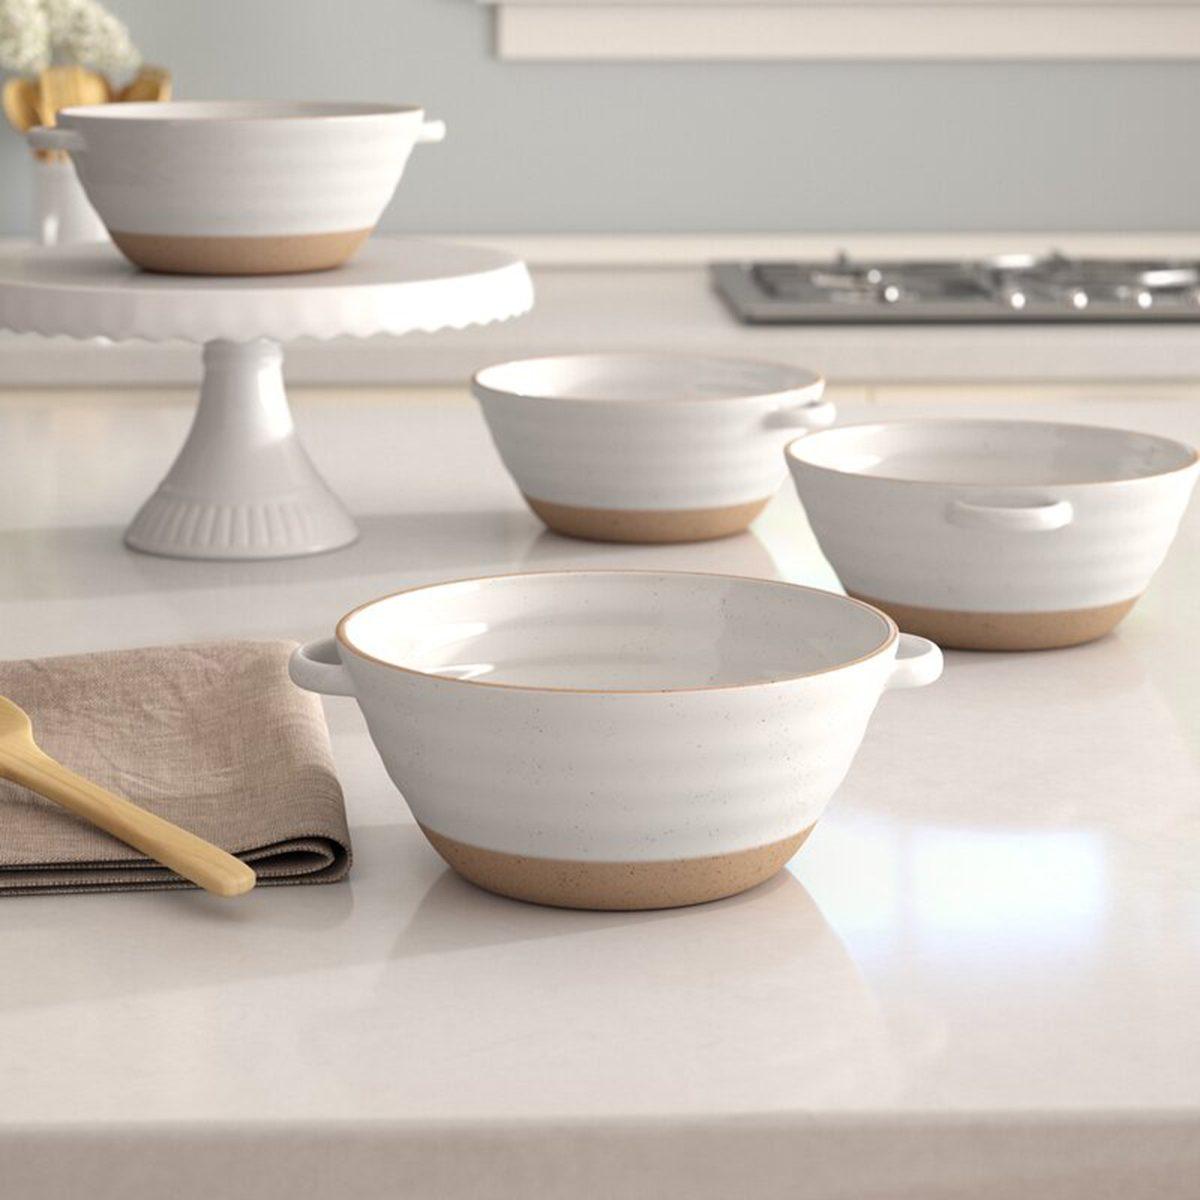 Speckled Soup Bowls cute soup bowls